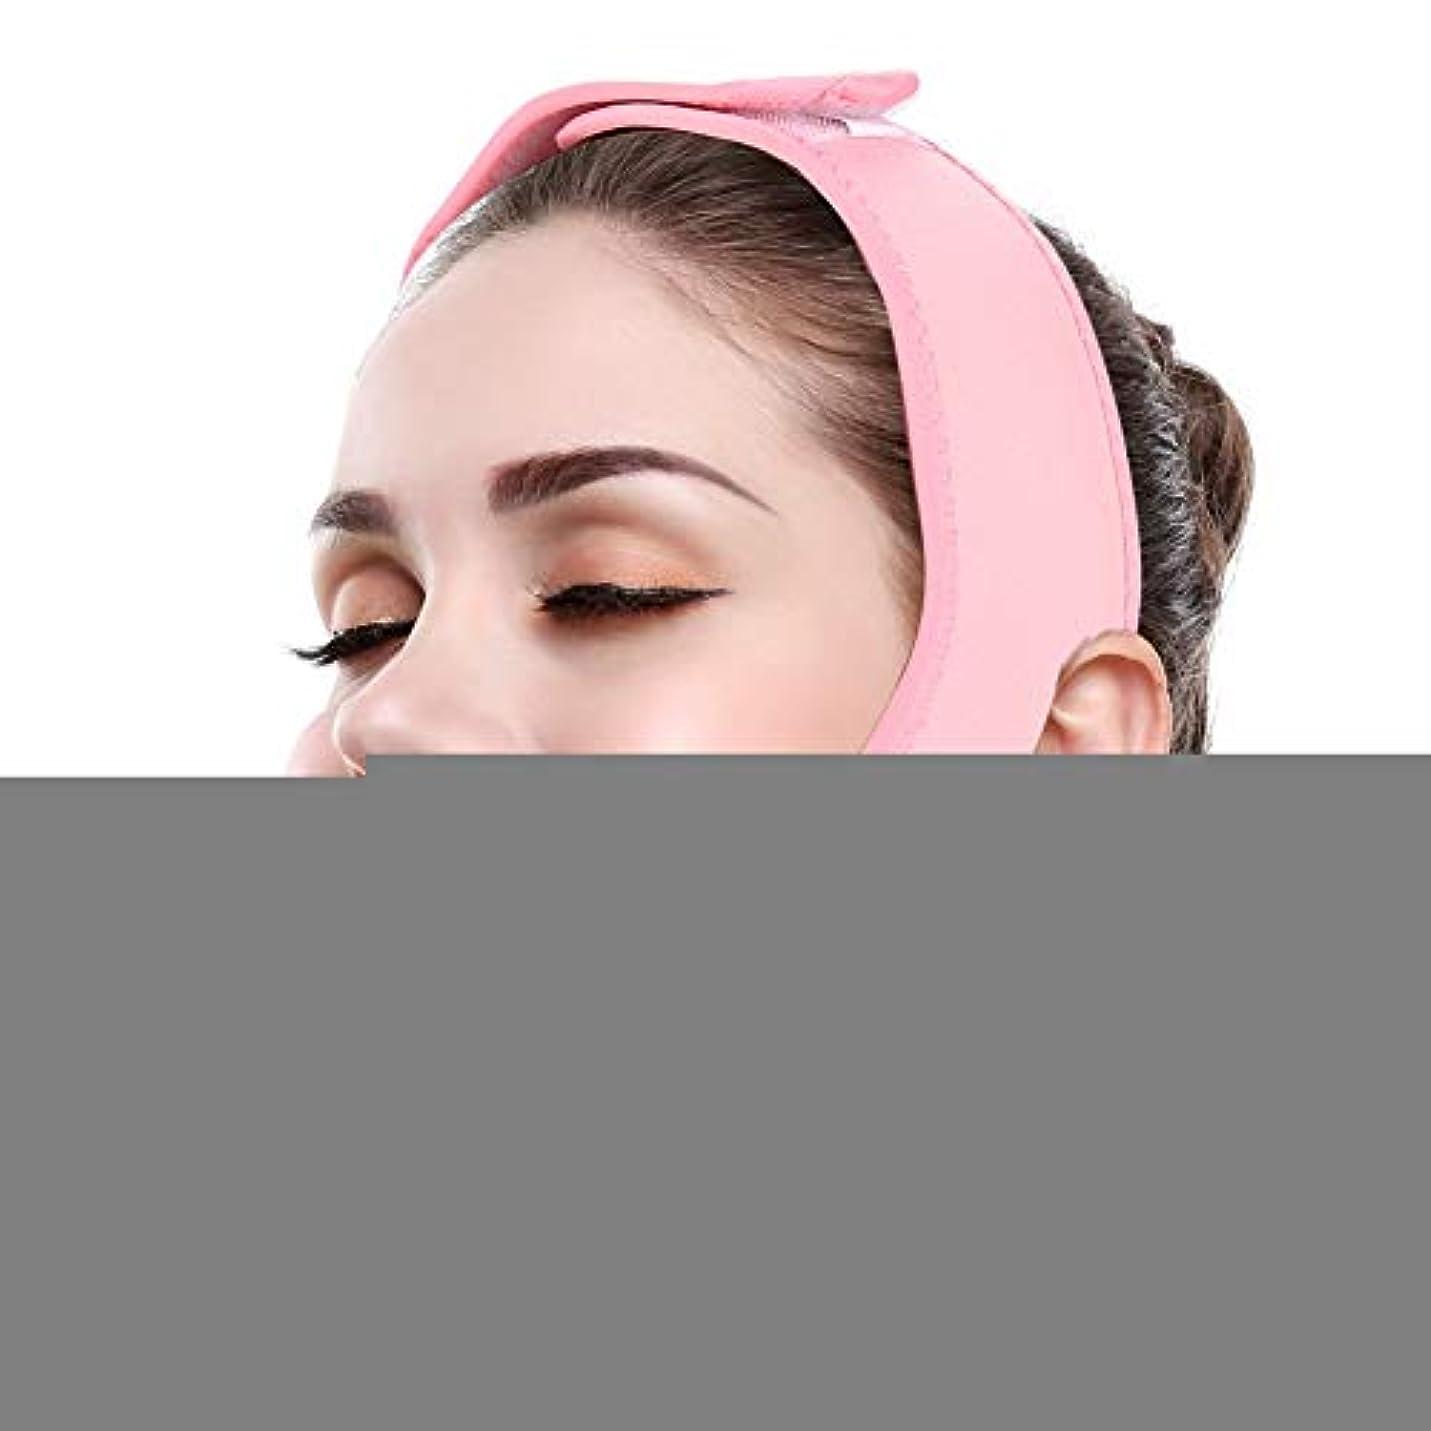 外国人さまよう石鹸顔痩身マッサージベルト、vラインマスクネック圧縮二重あごストラップ減量ベルトスキンケアあごリフティング引き締めラップ